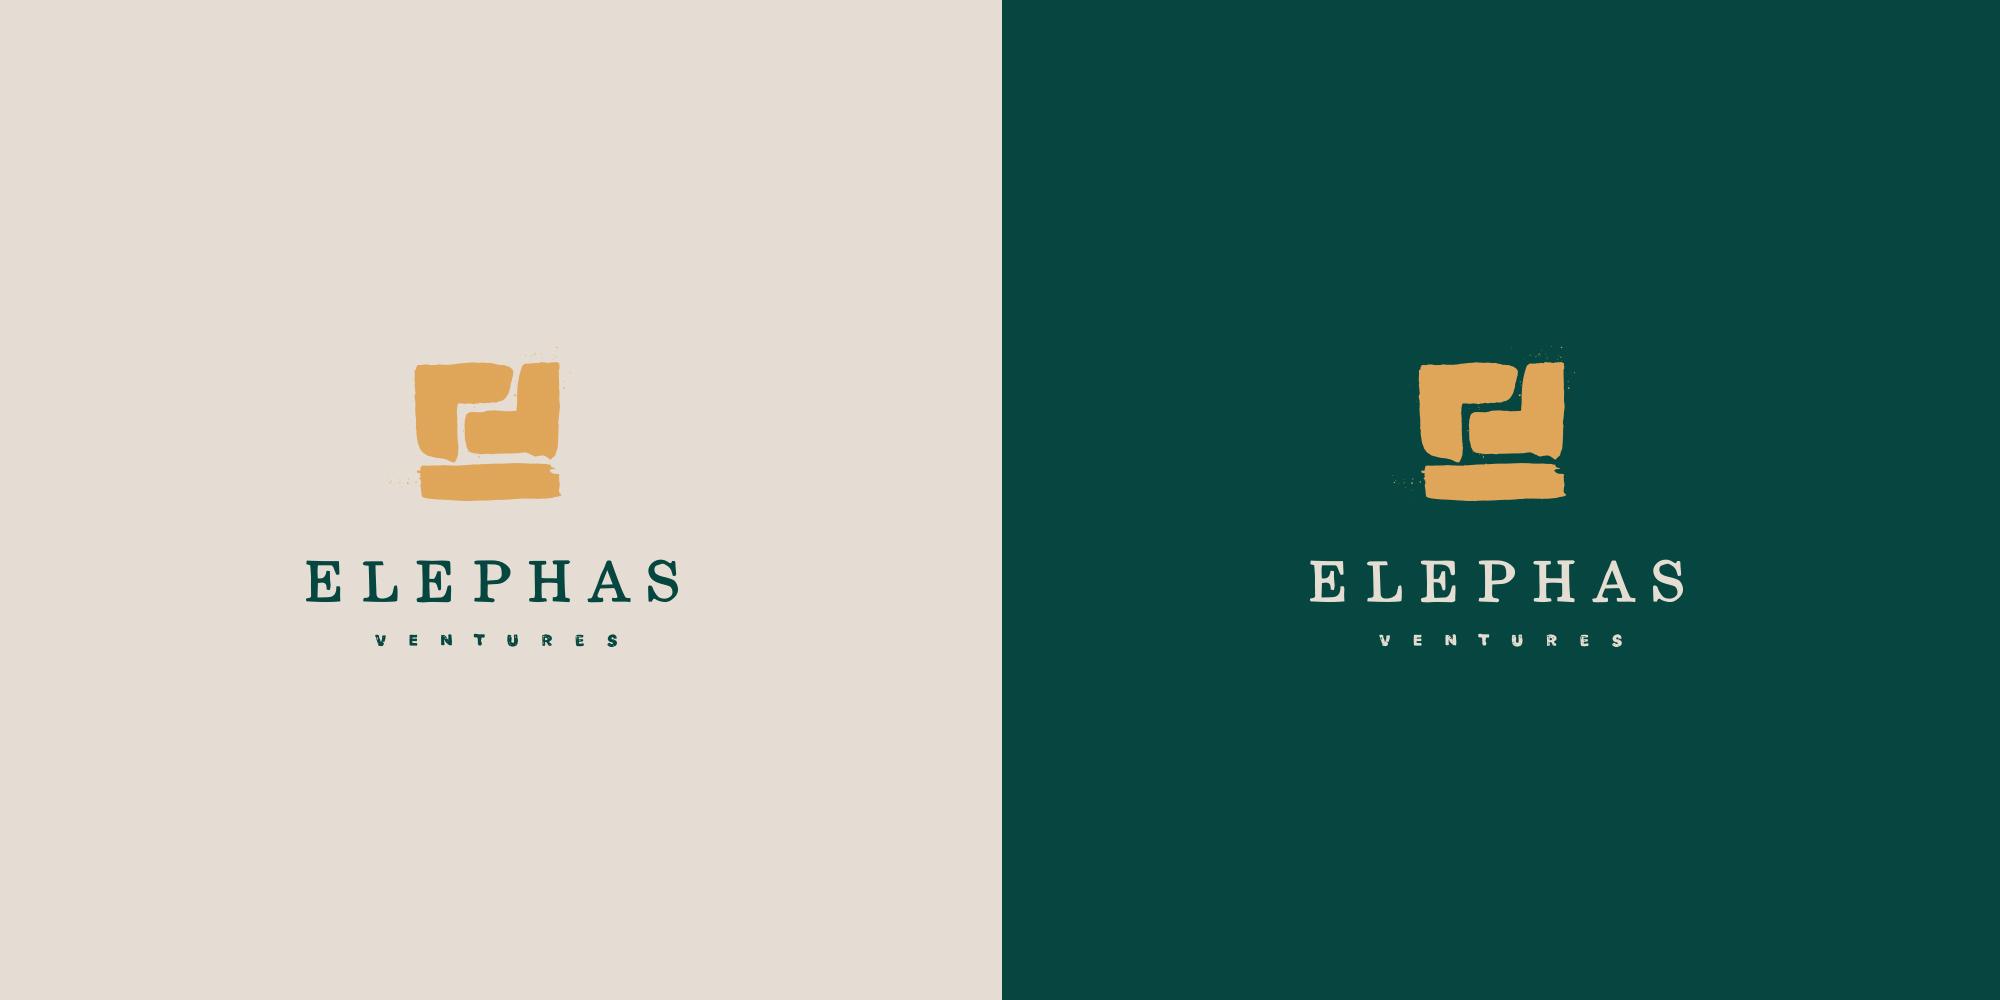 Elephas_Logo_Branding_JulieEckertDesign_4.jpg